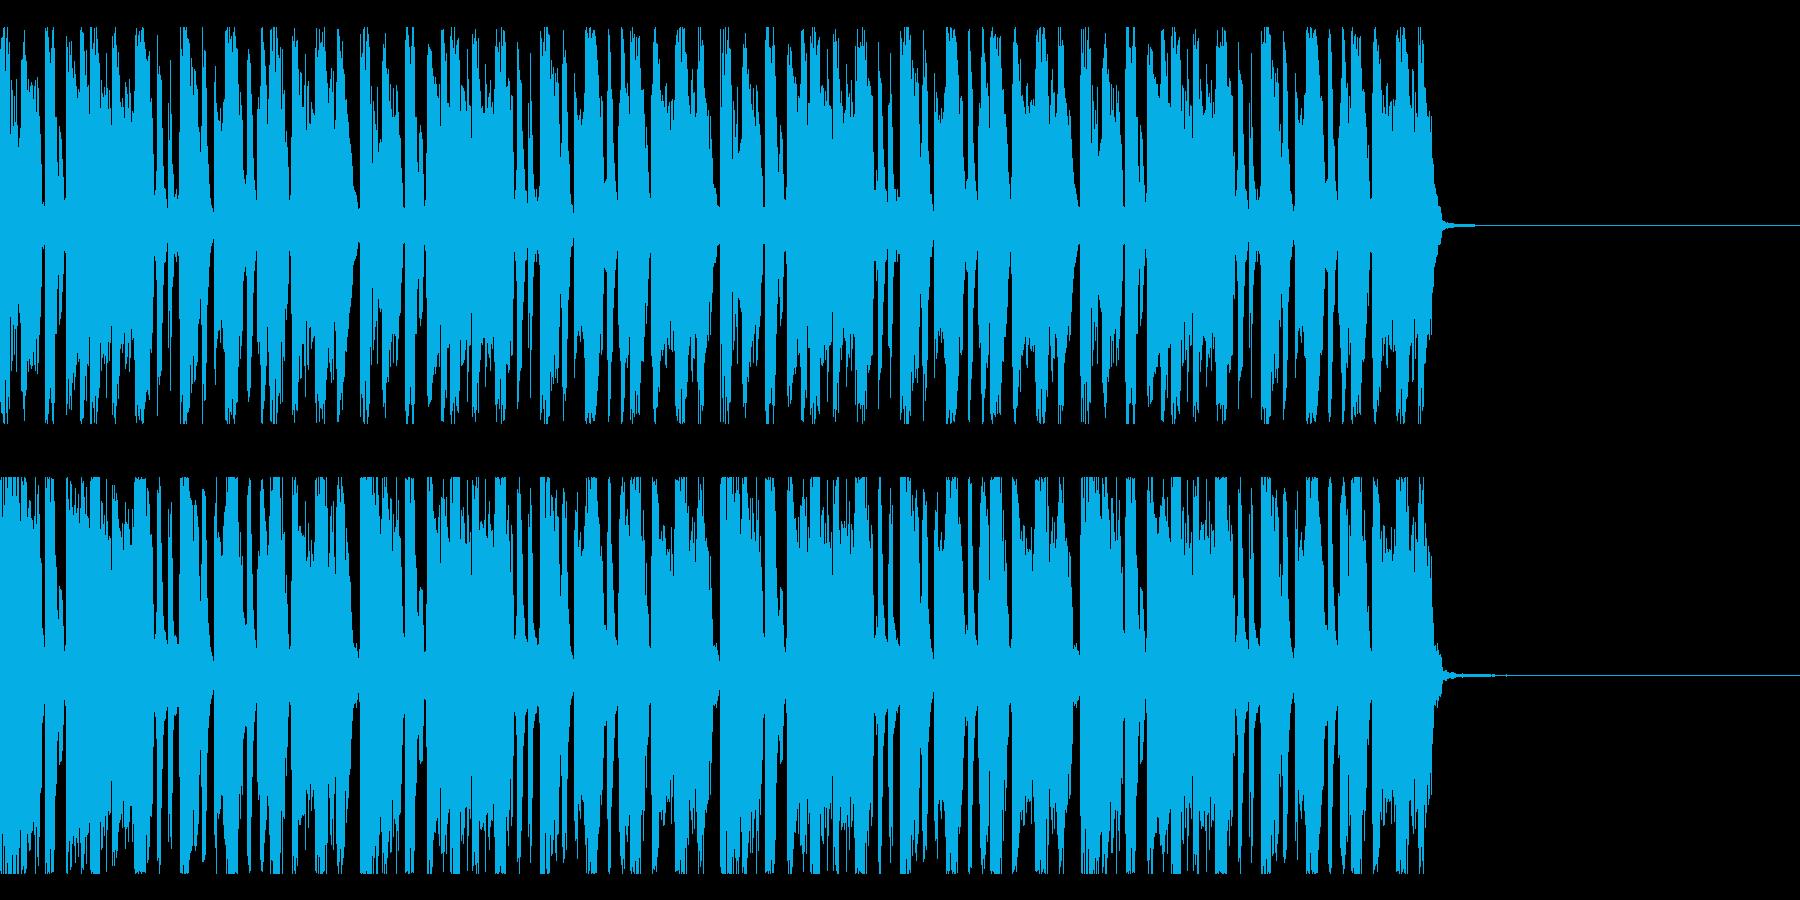 リズムギターリフ ドラムありの再生済みの波形